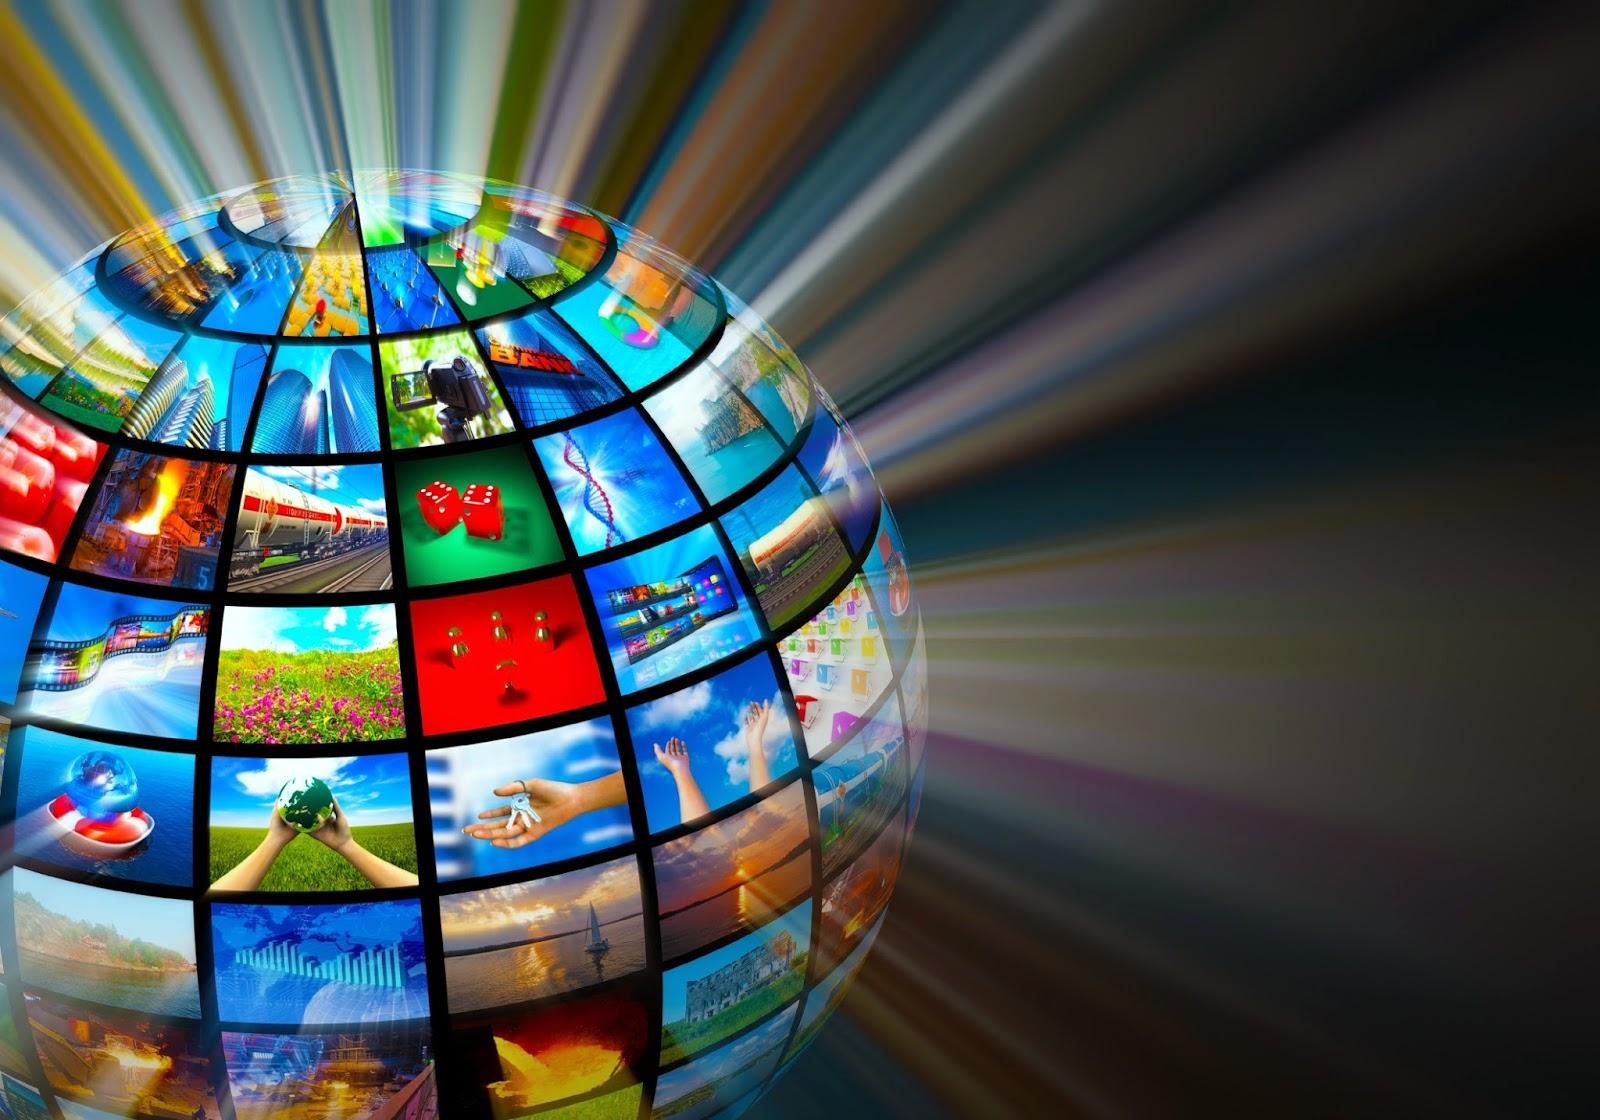 Optimiza tus publicaciones en las Redes Sociales con imágenes creativas